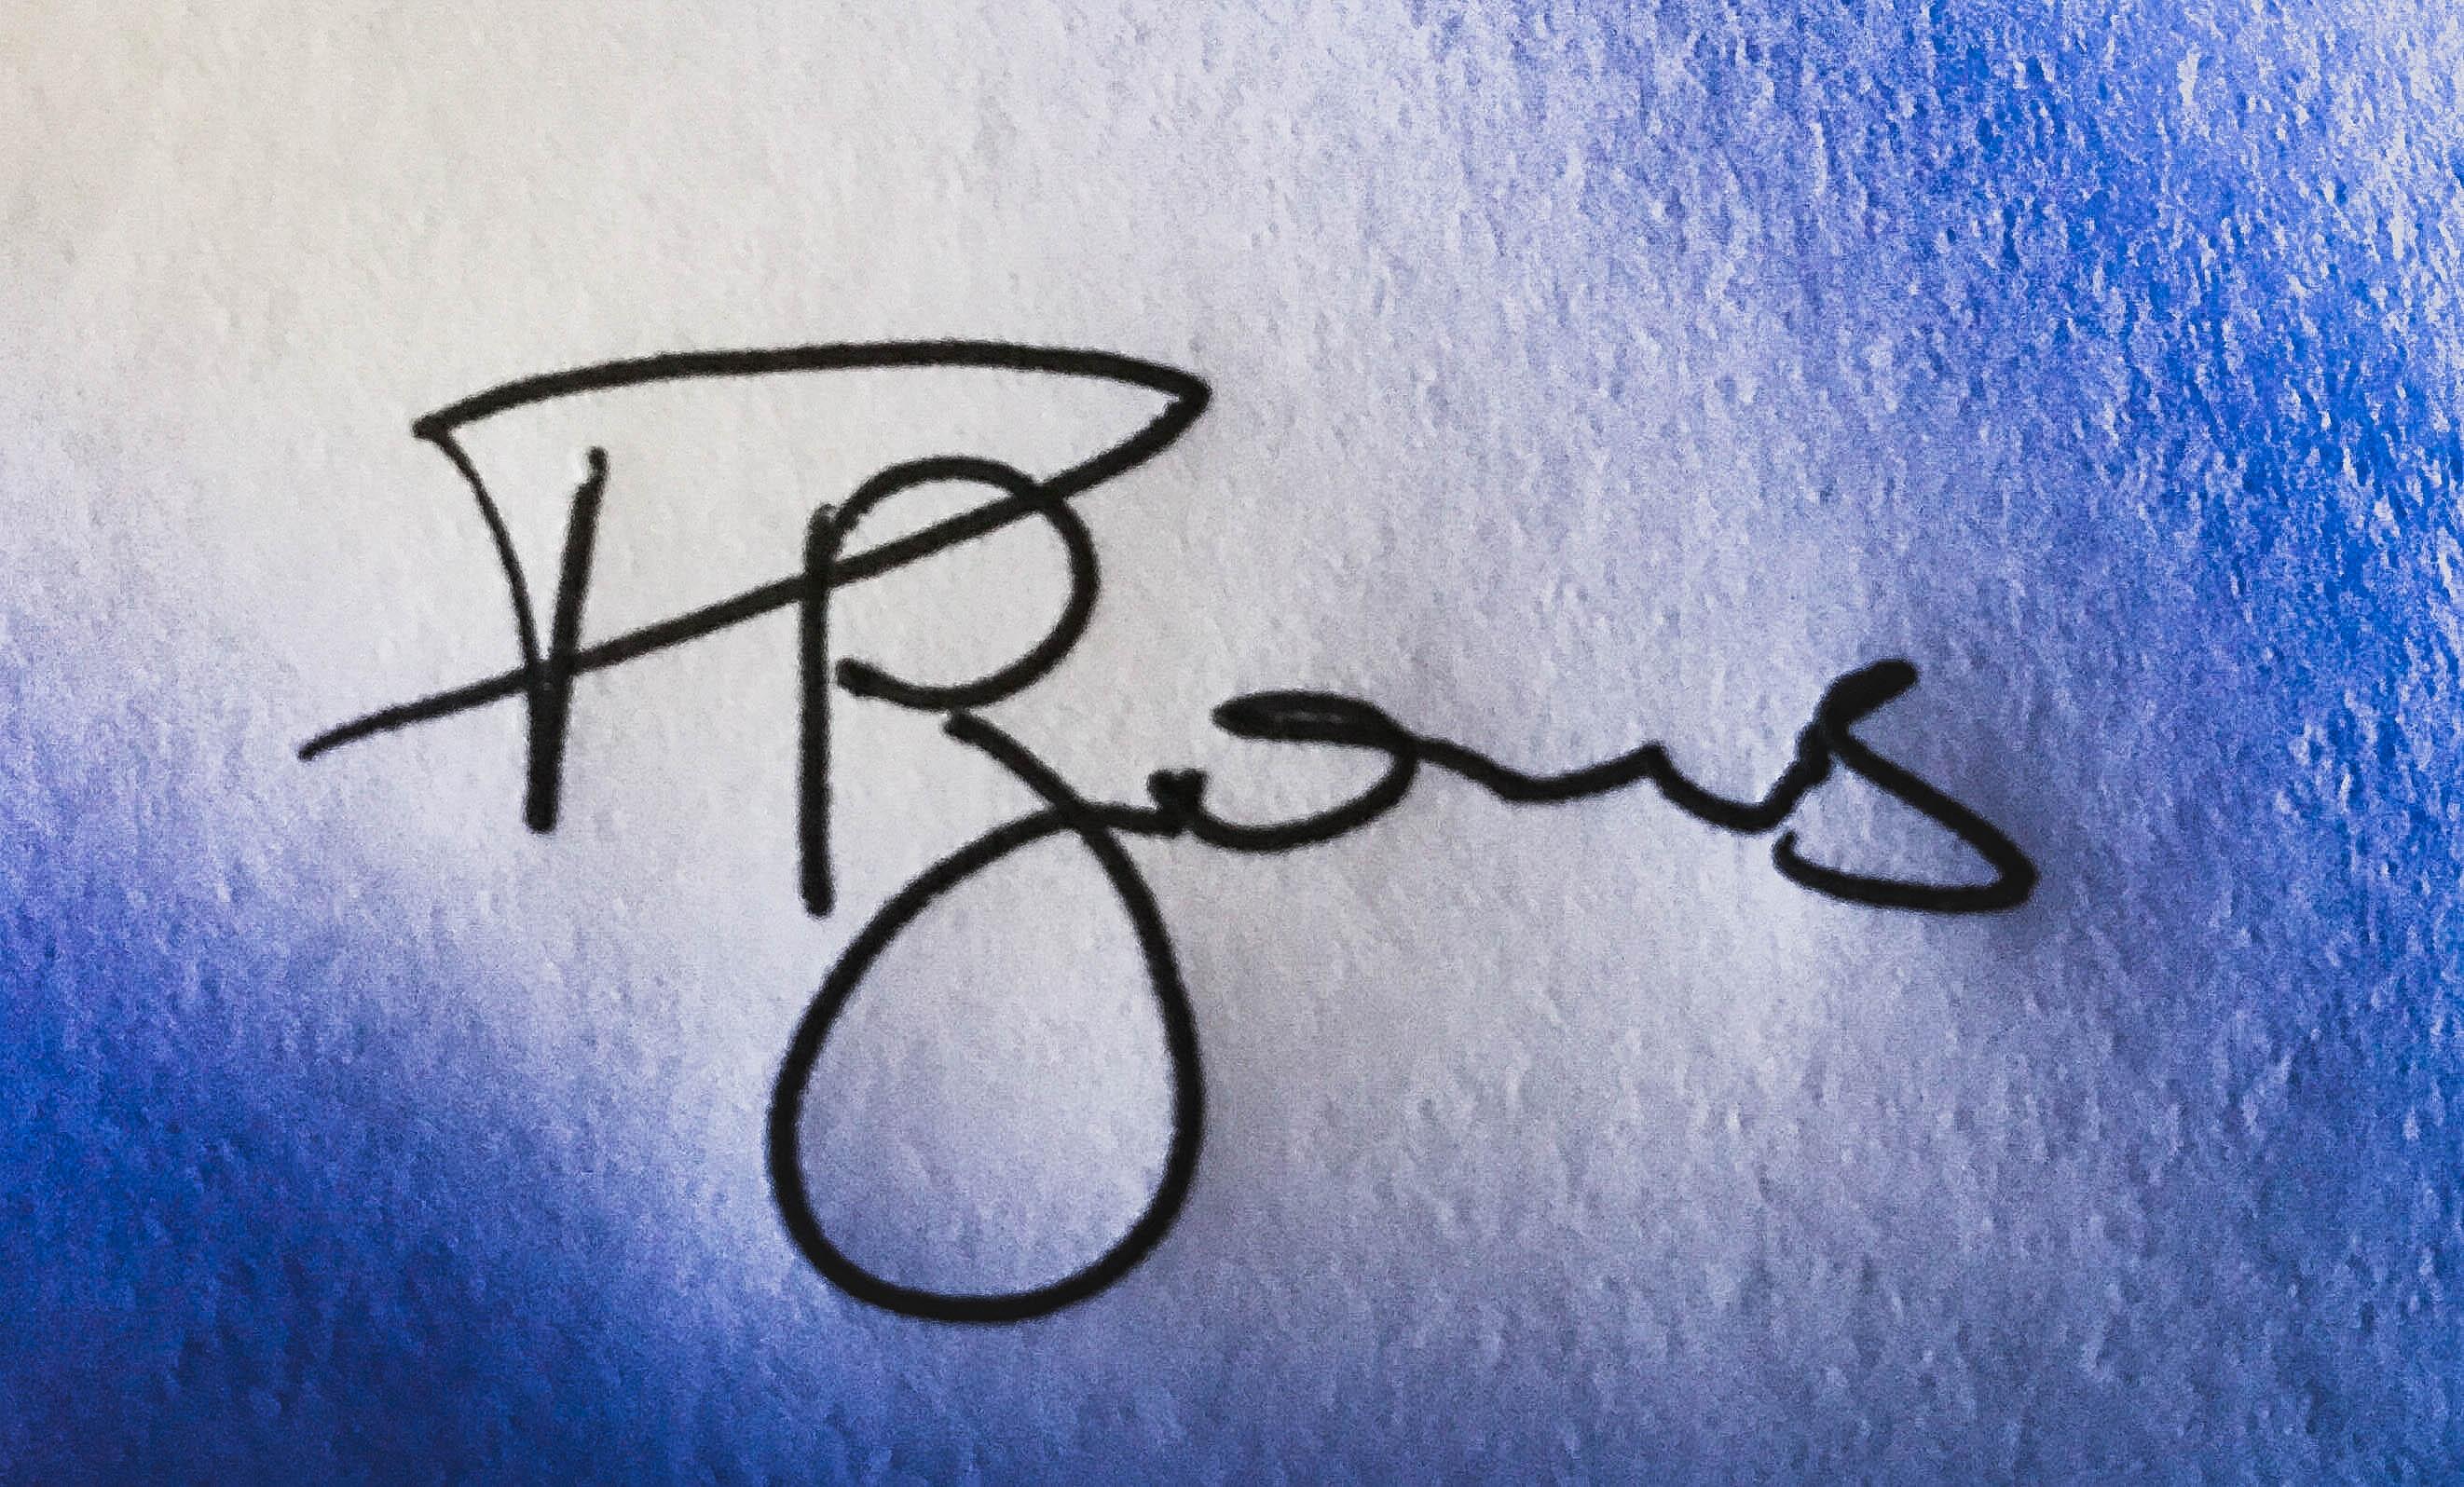 prj creations's Signature